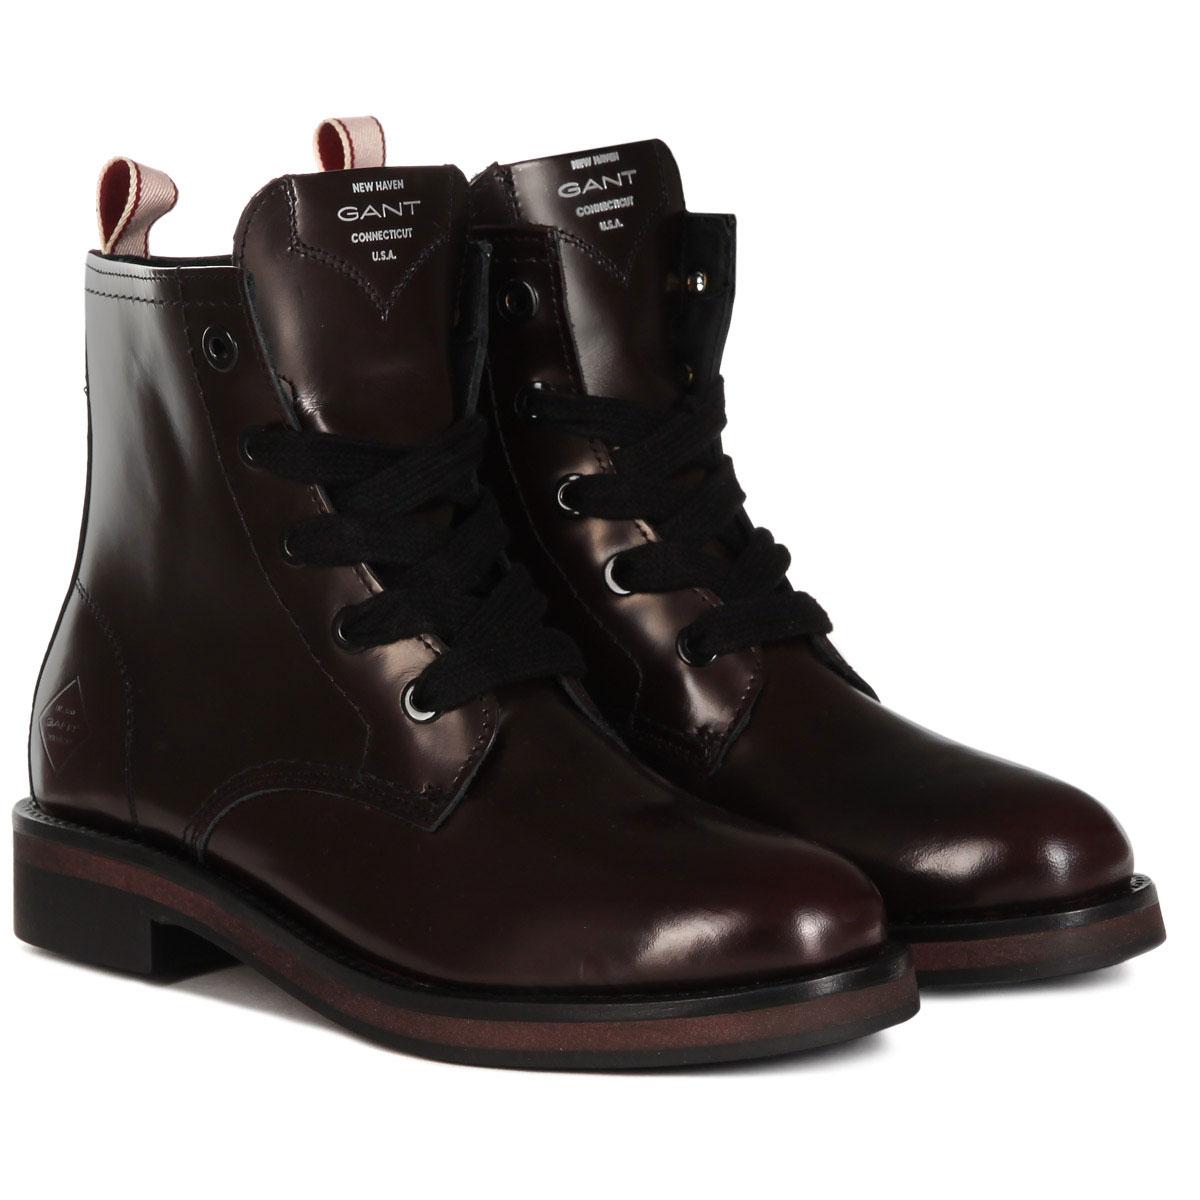 ea276260 Купить высокие ботинки женские Gant Malin бордовые (17542907) в интернет- магазине Proskater.kz